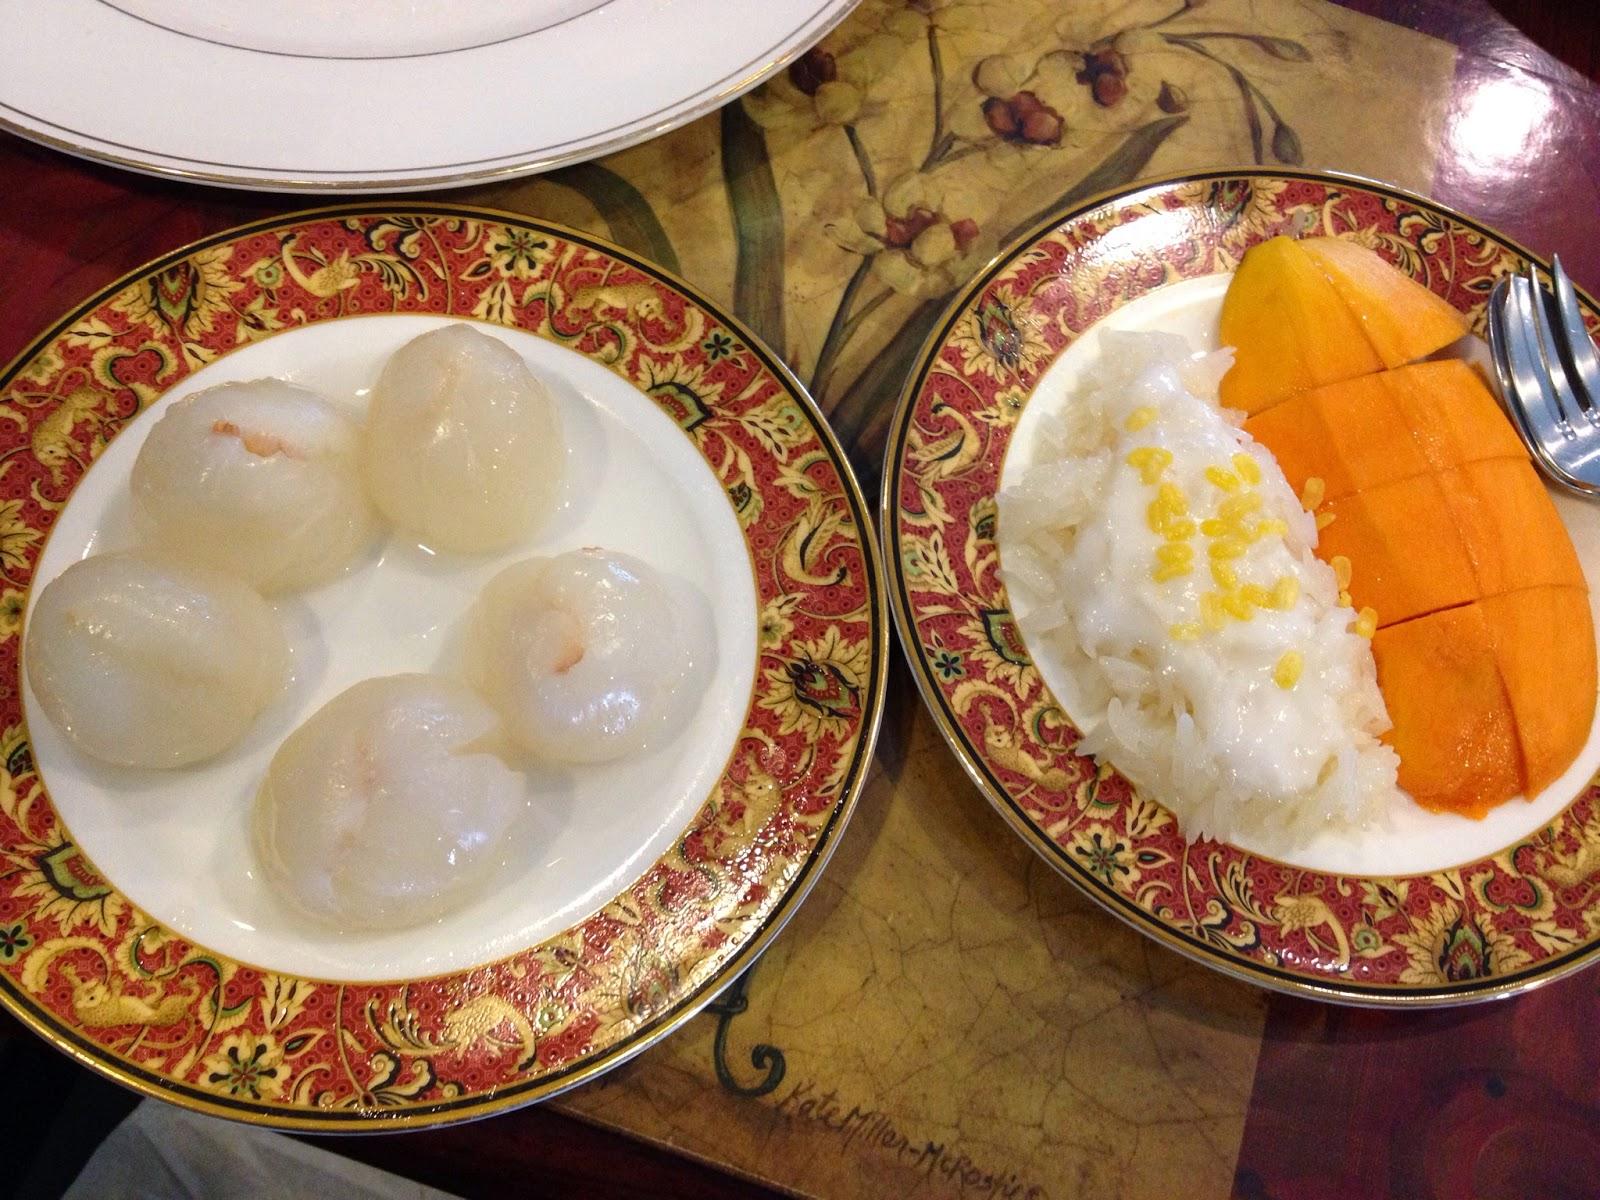 Bangkok - Lychee and mango and sticky rice